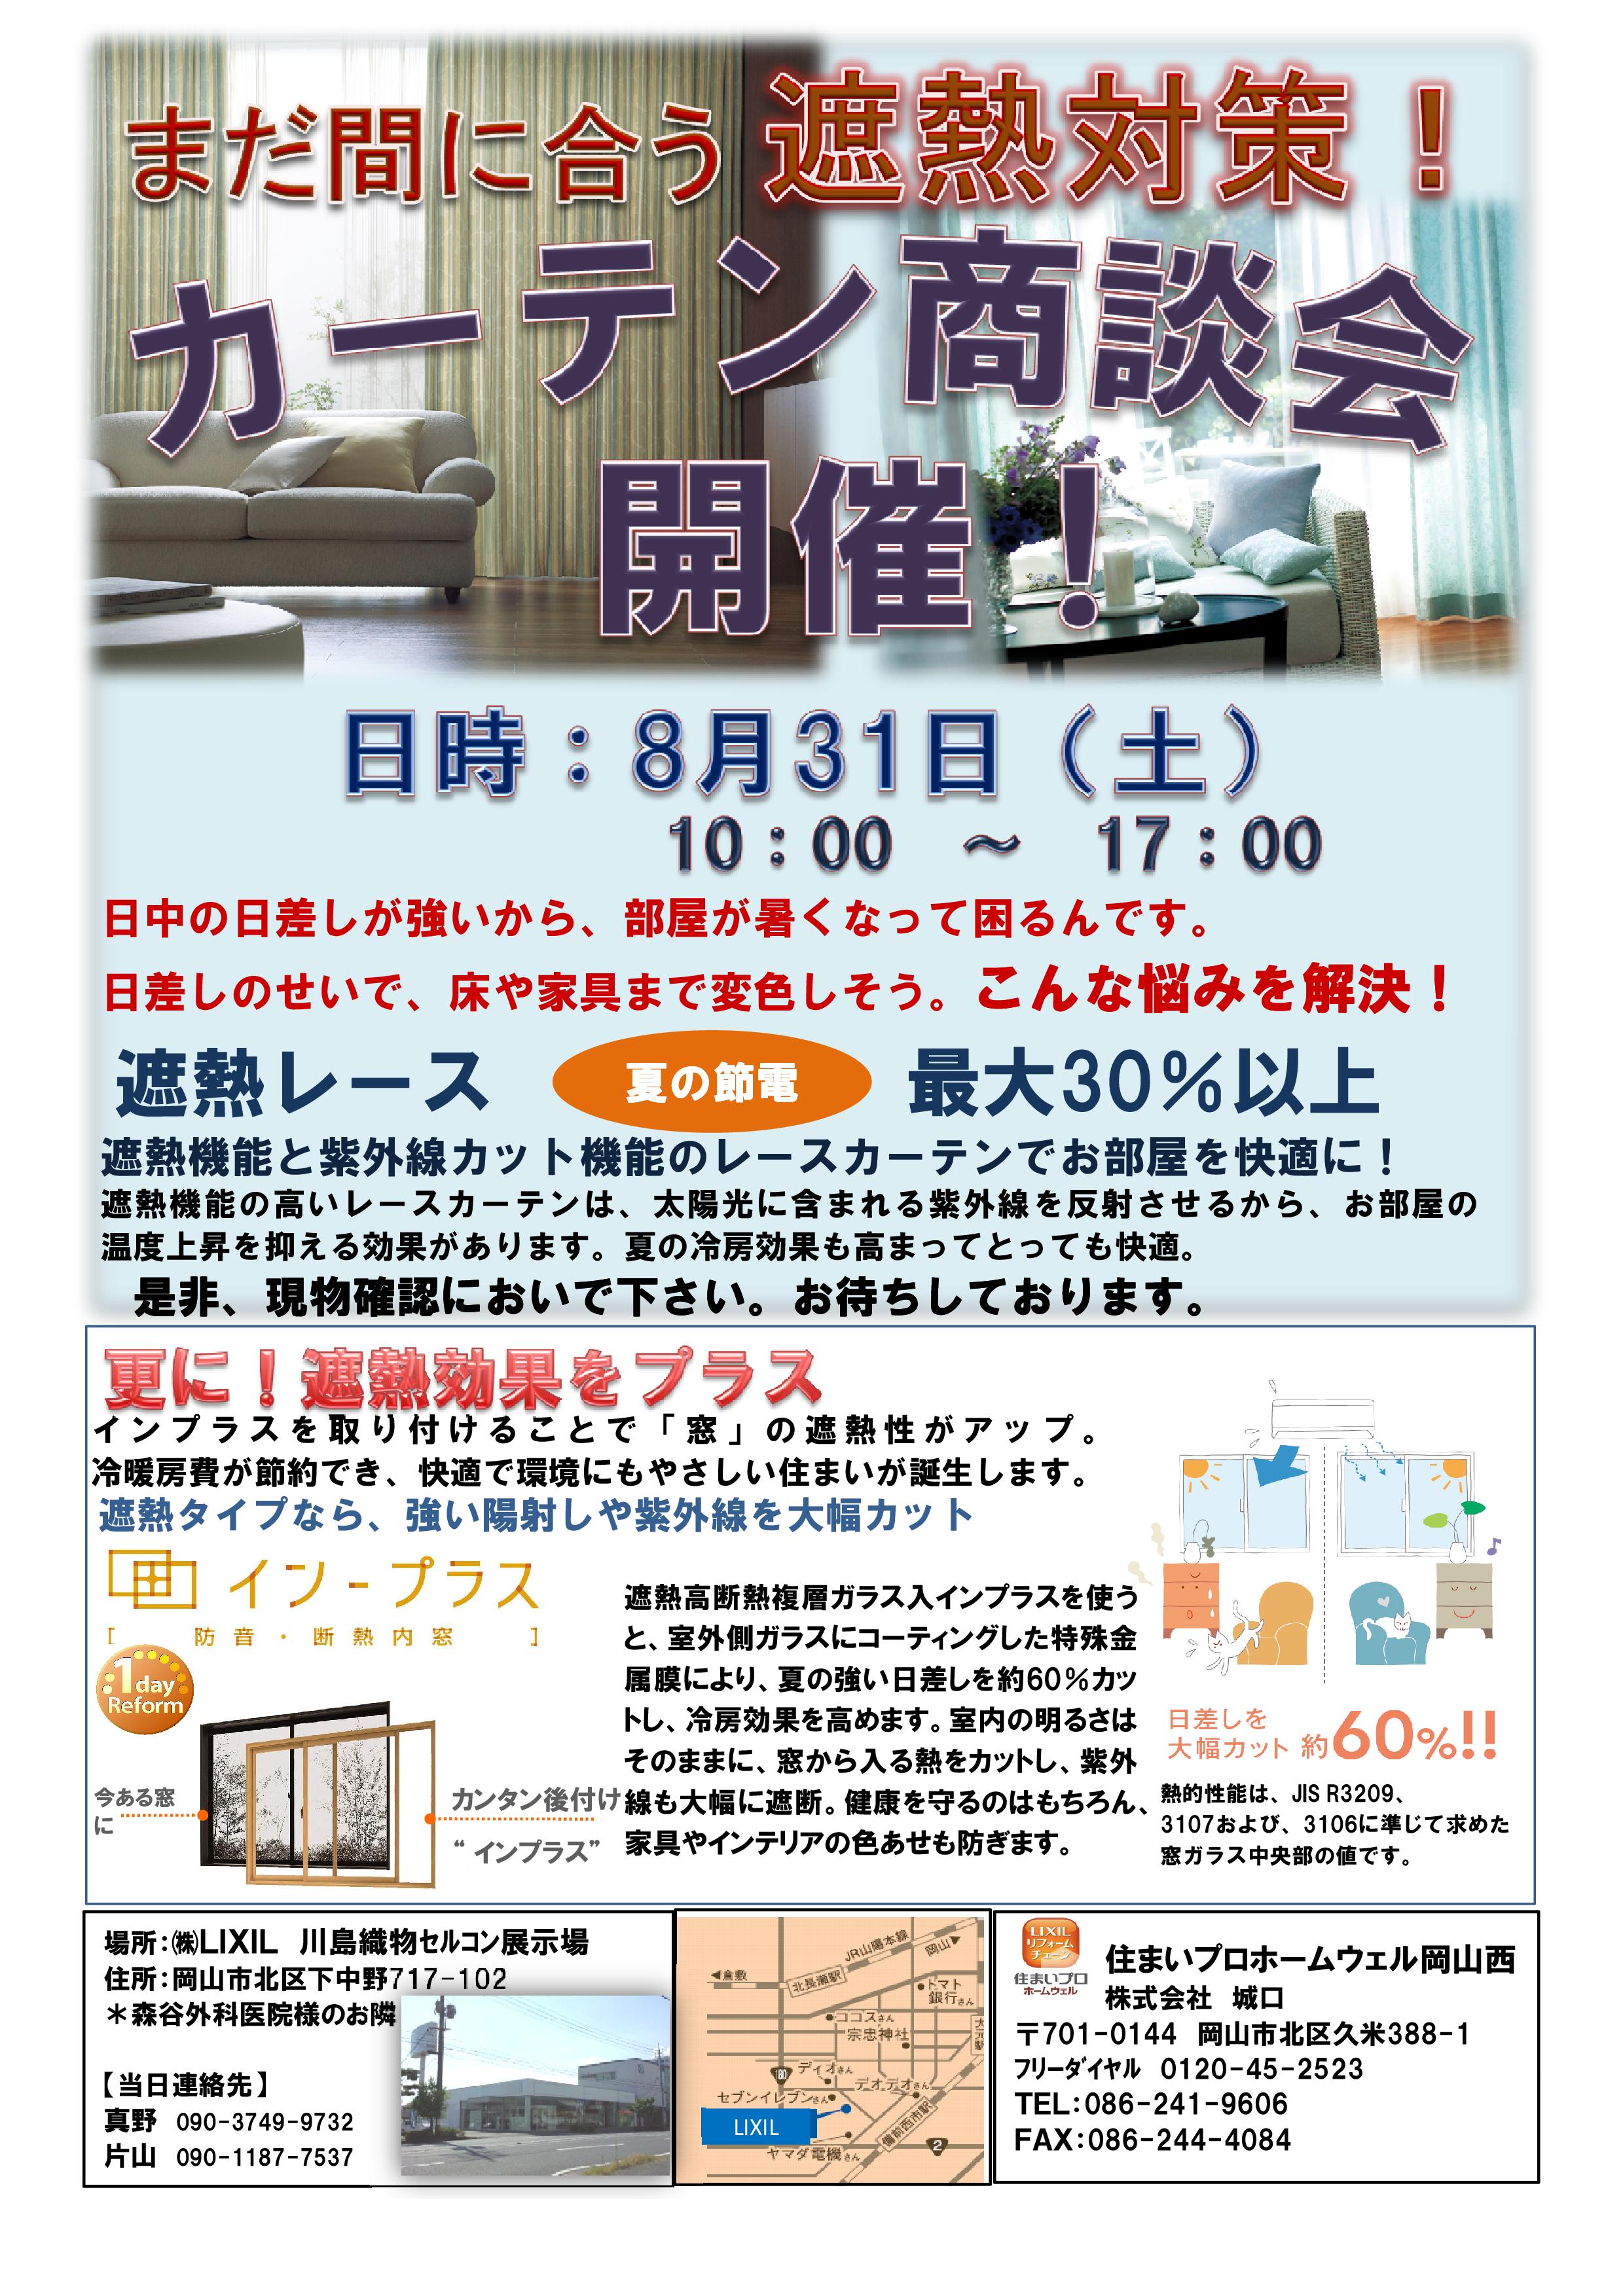 川島イベントチラシ20130831.png